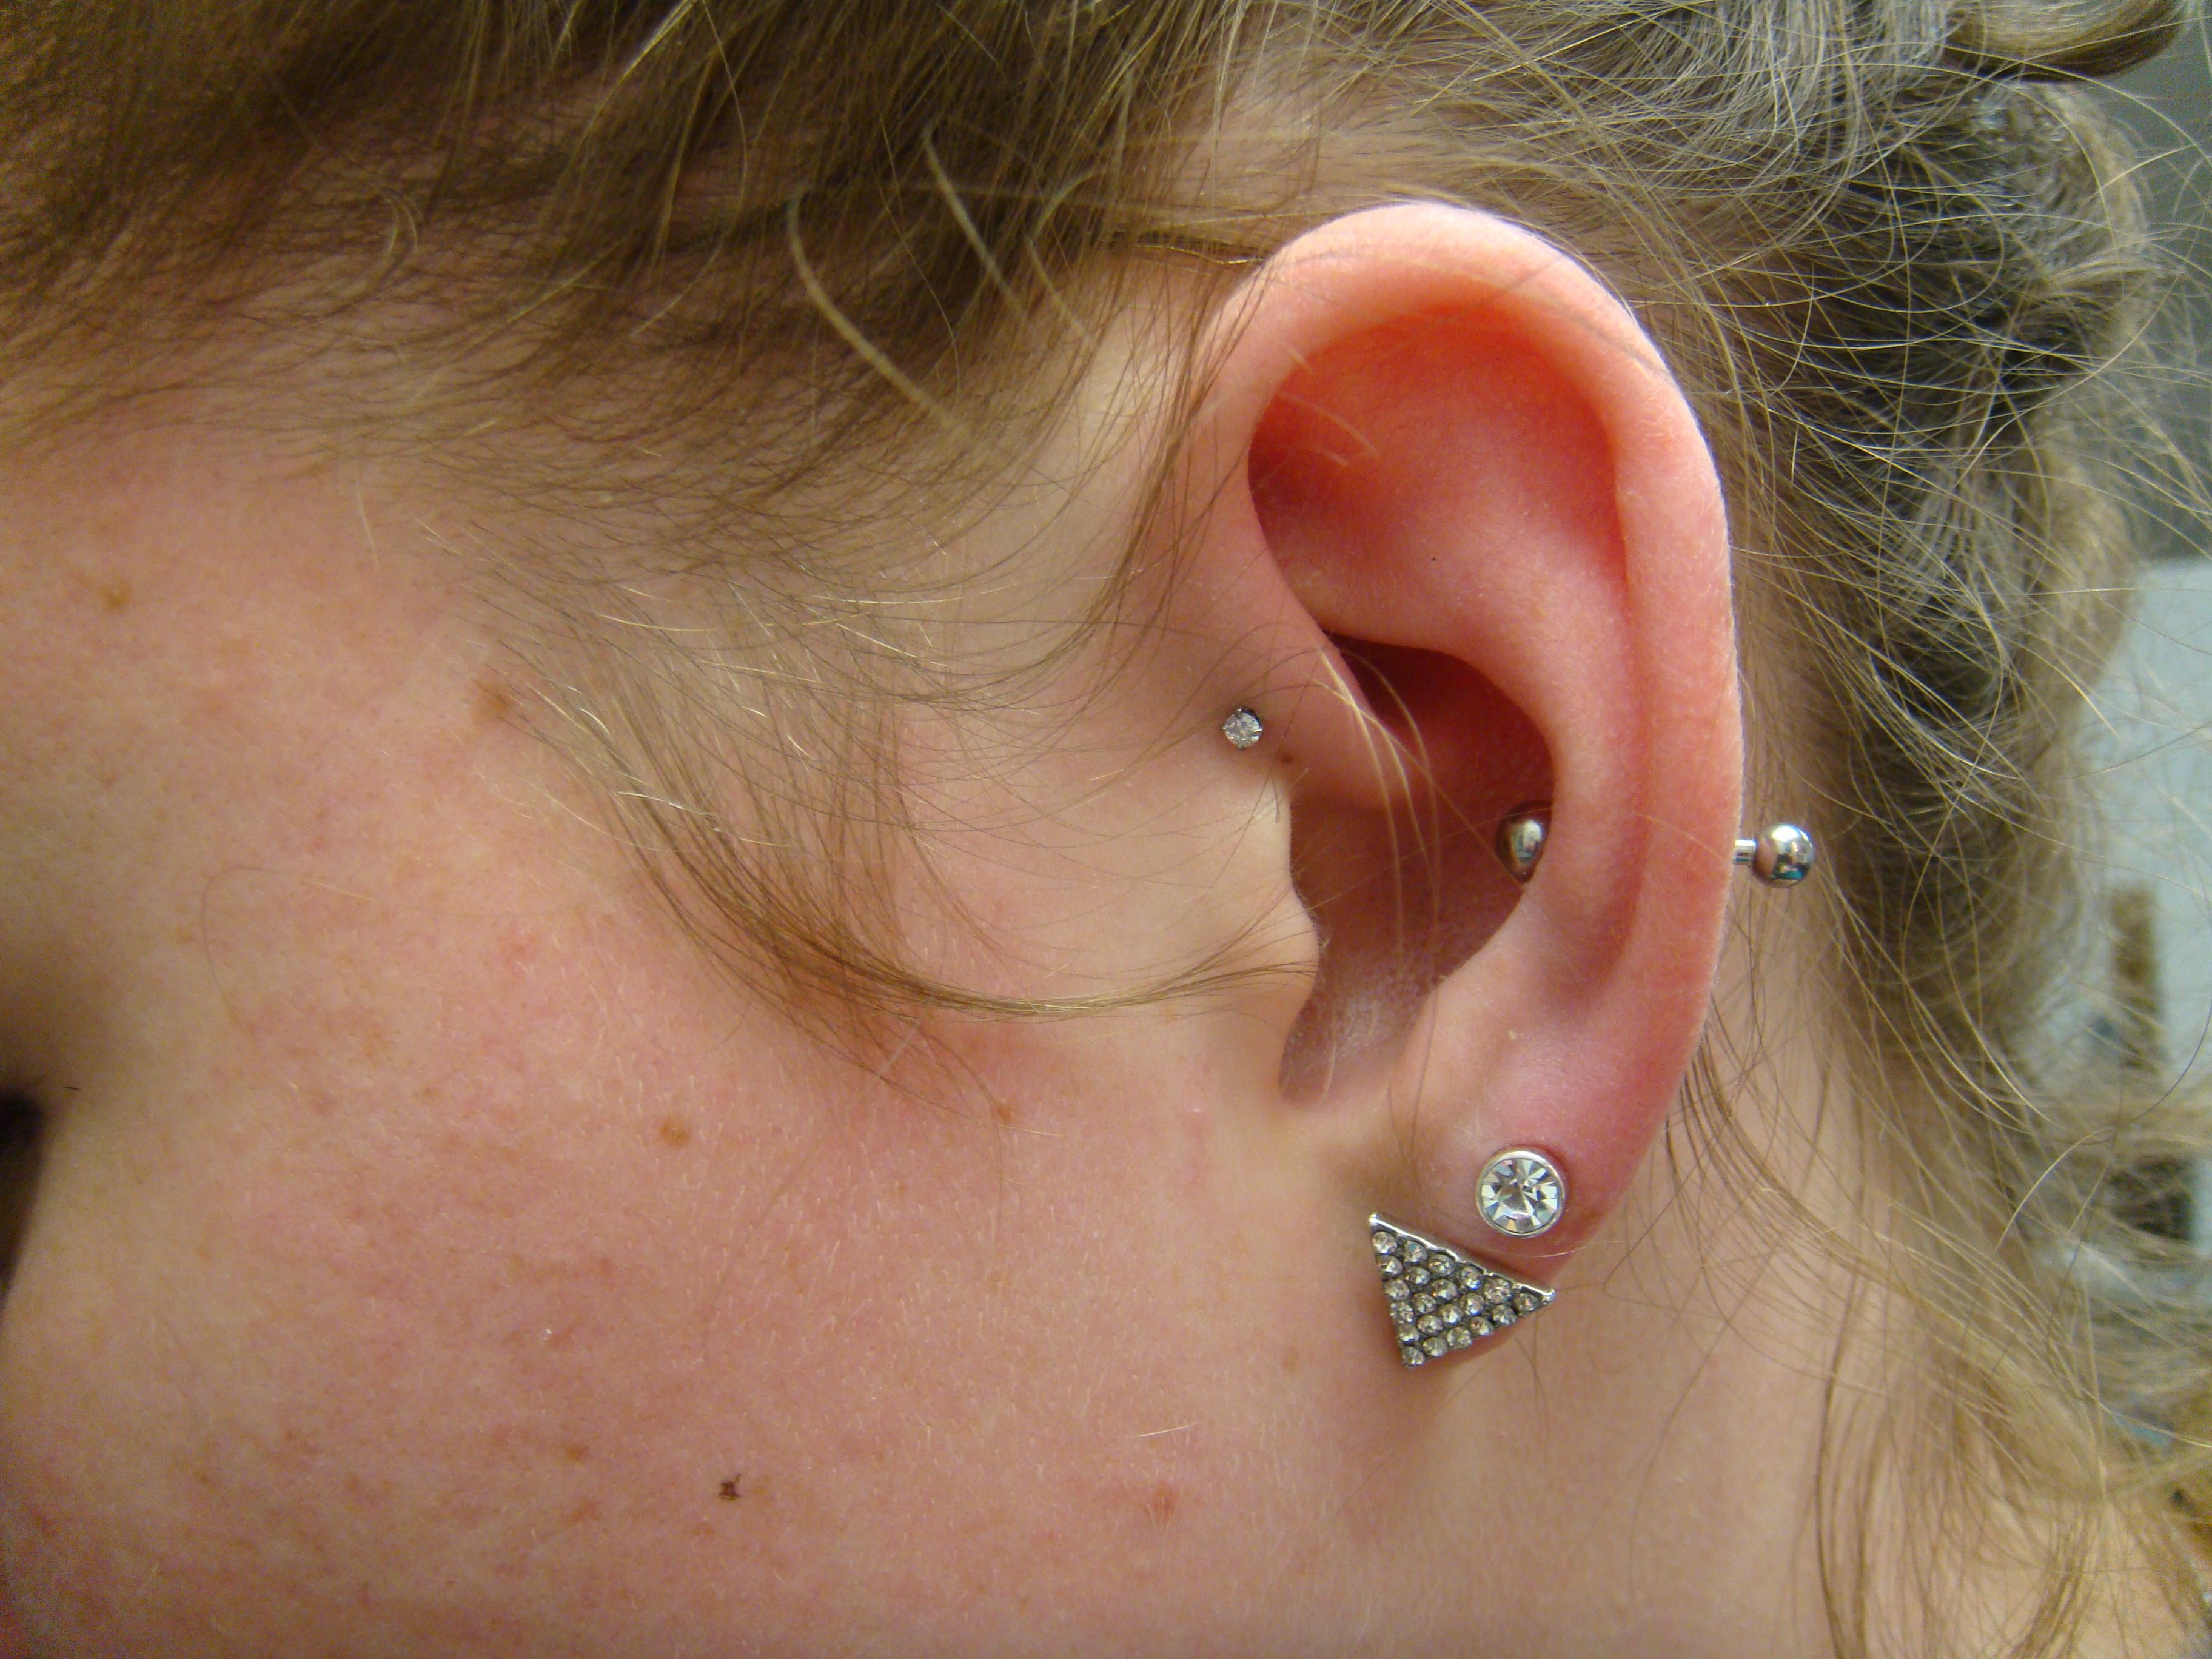 conch piercing tradicional